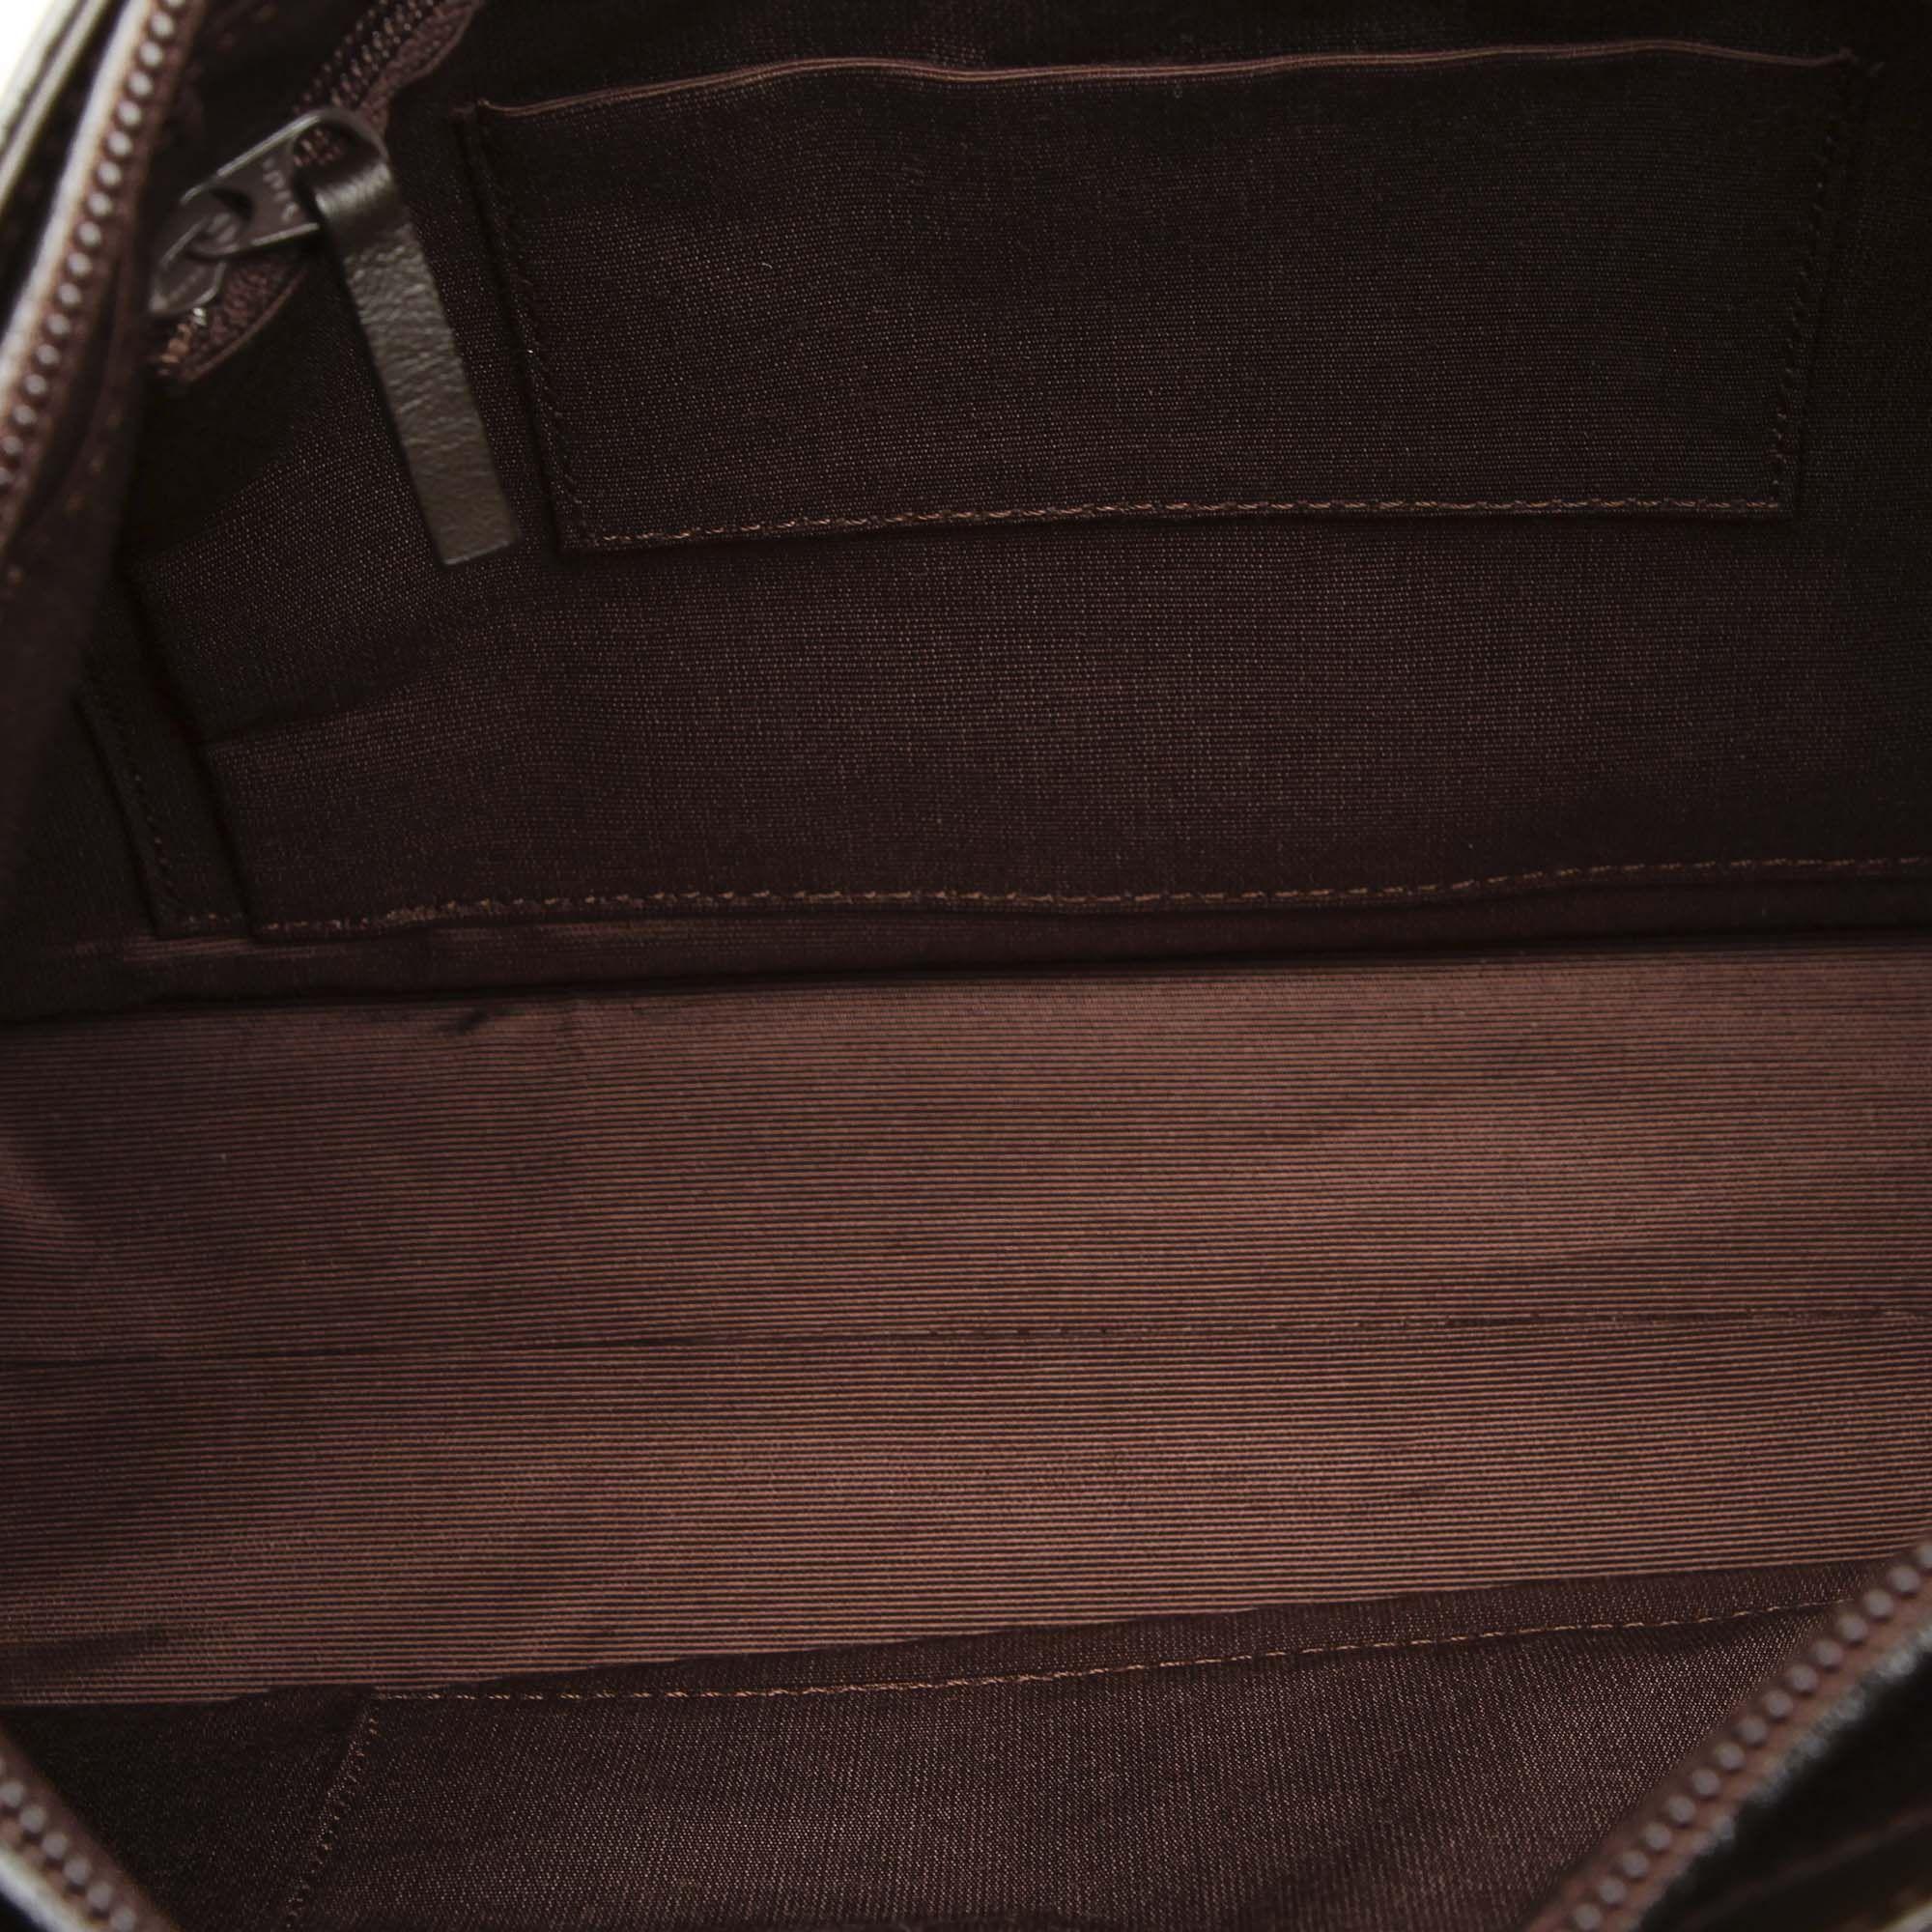 Vintage Burberry Leather Shoulder Bag Brown